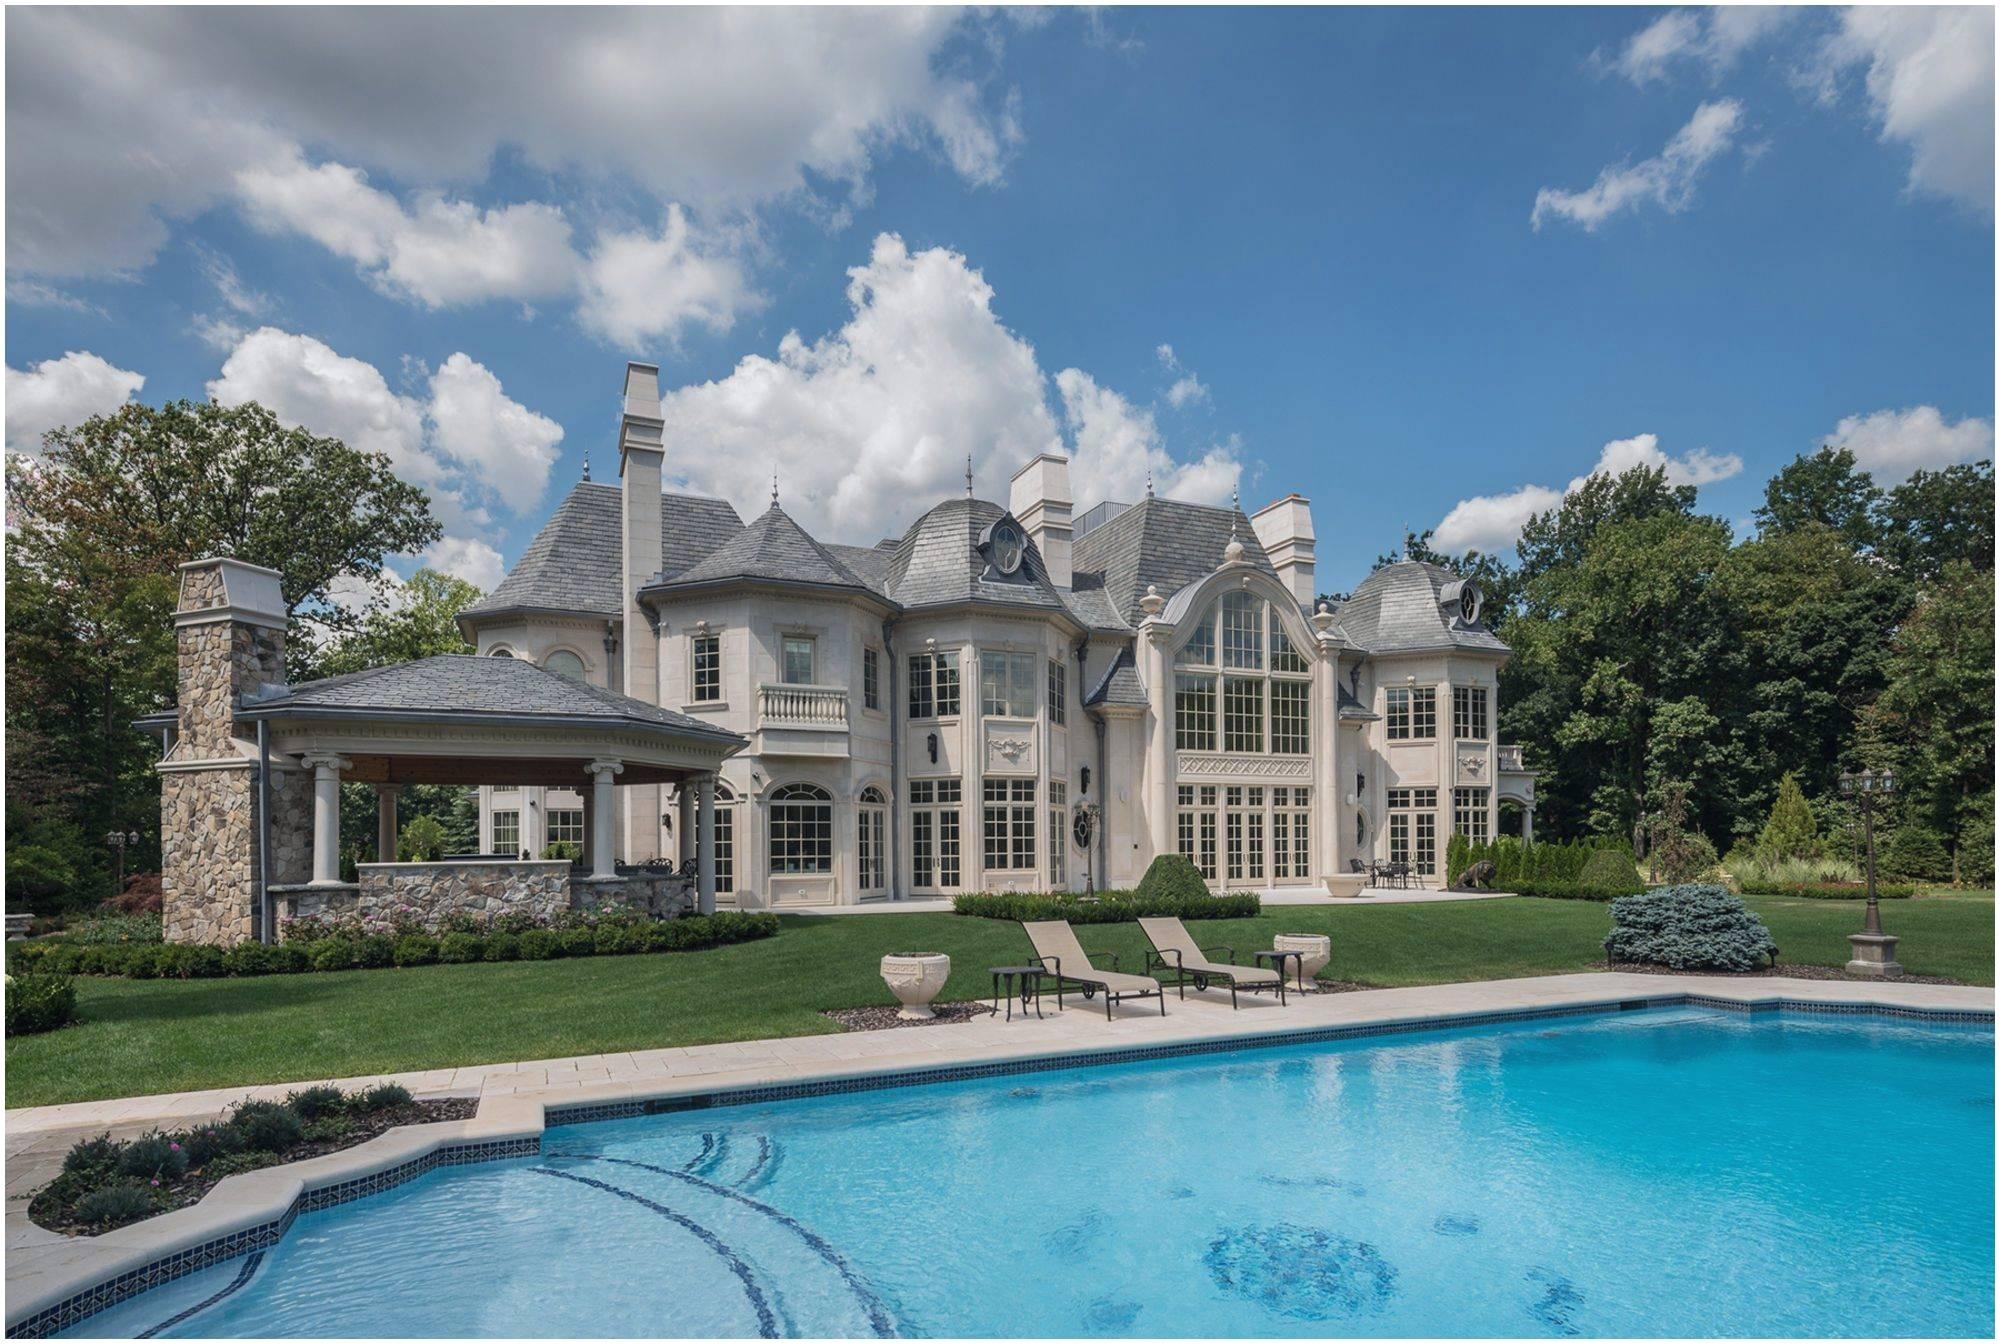 best of stone mansion alpine nj floor plan elegant chateau de la roche for option tiny house nj